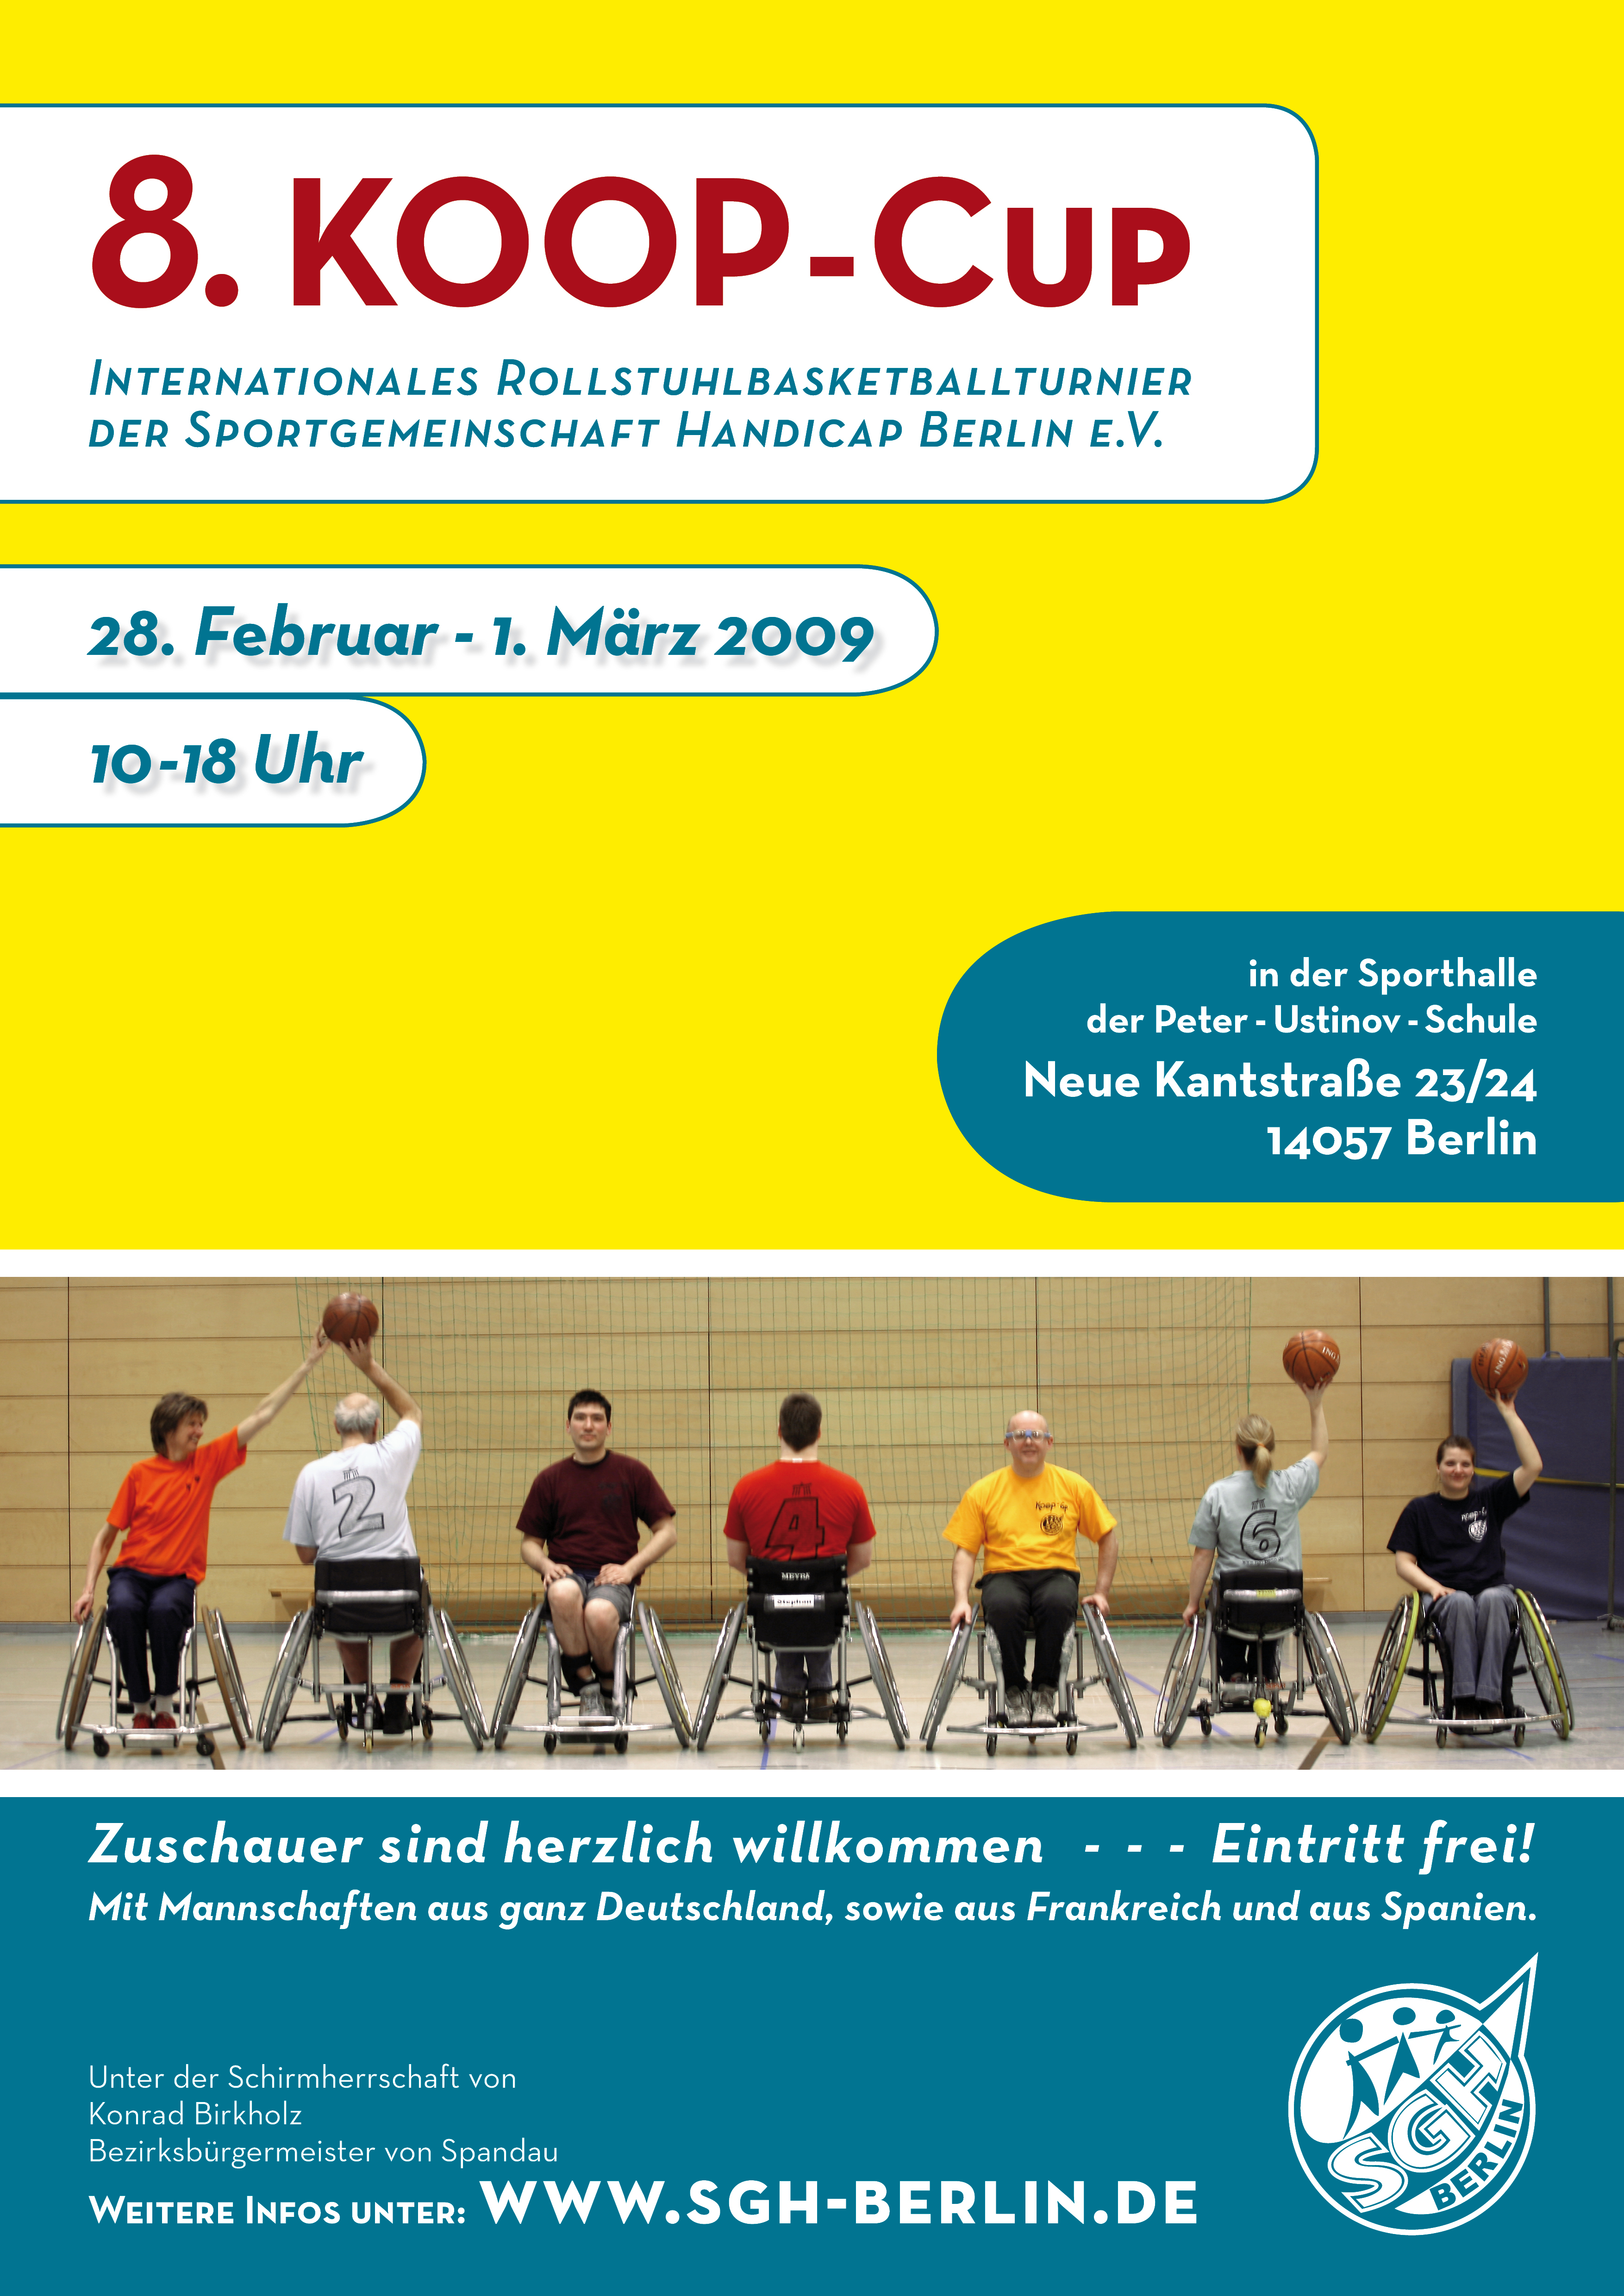 Sgh Berlin Sportgemeinschaft Handicap Berlin Ev